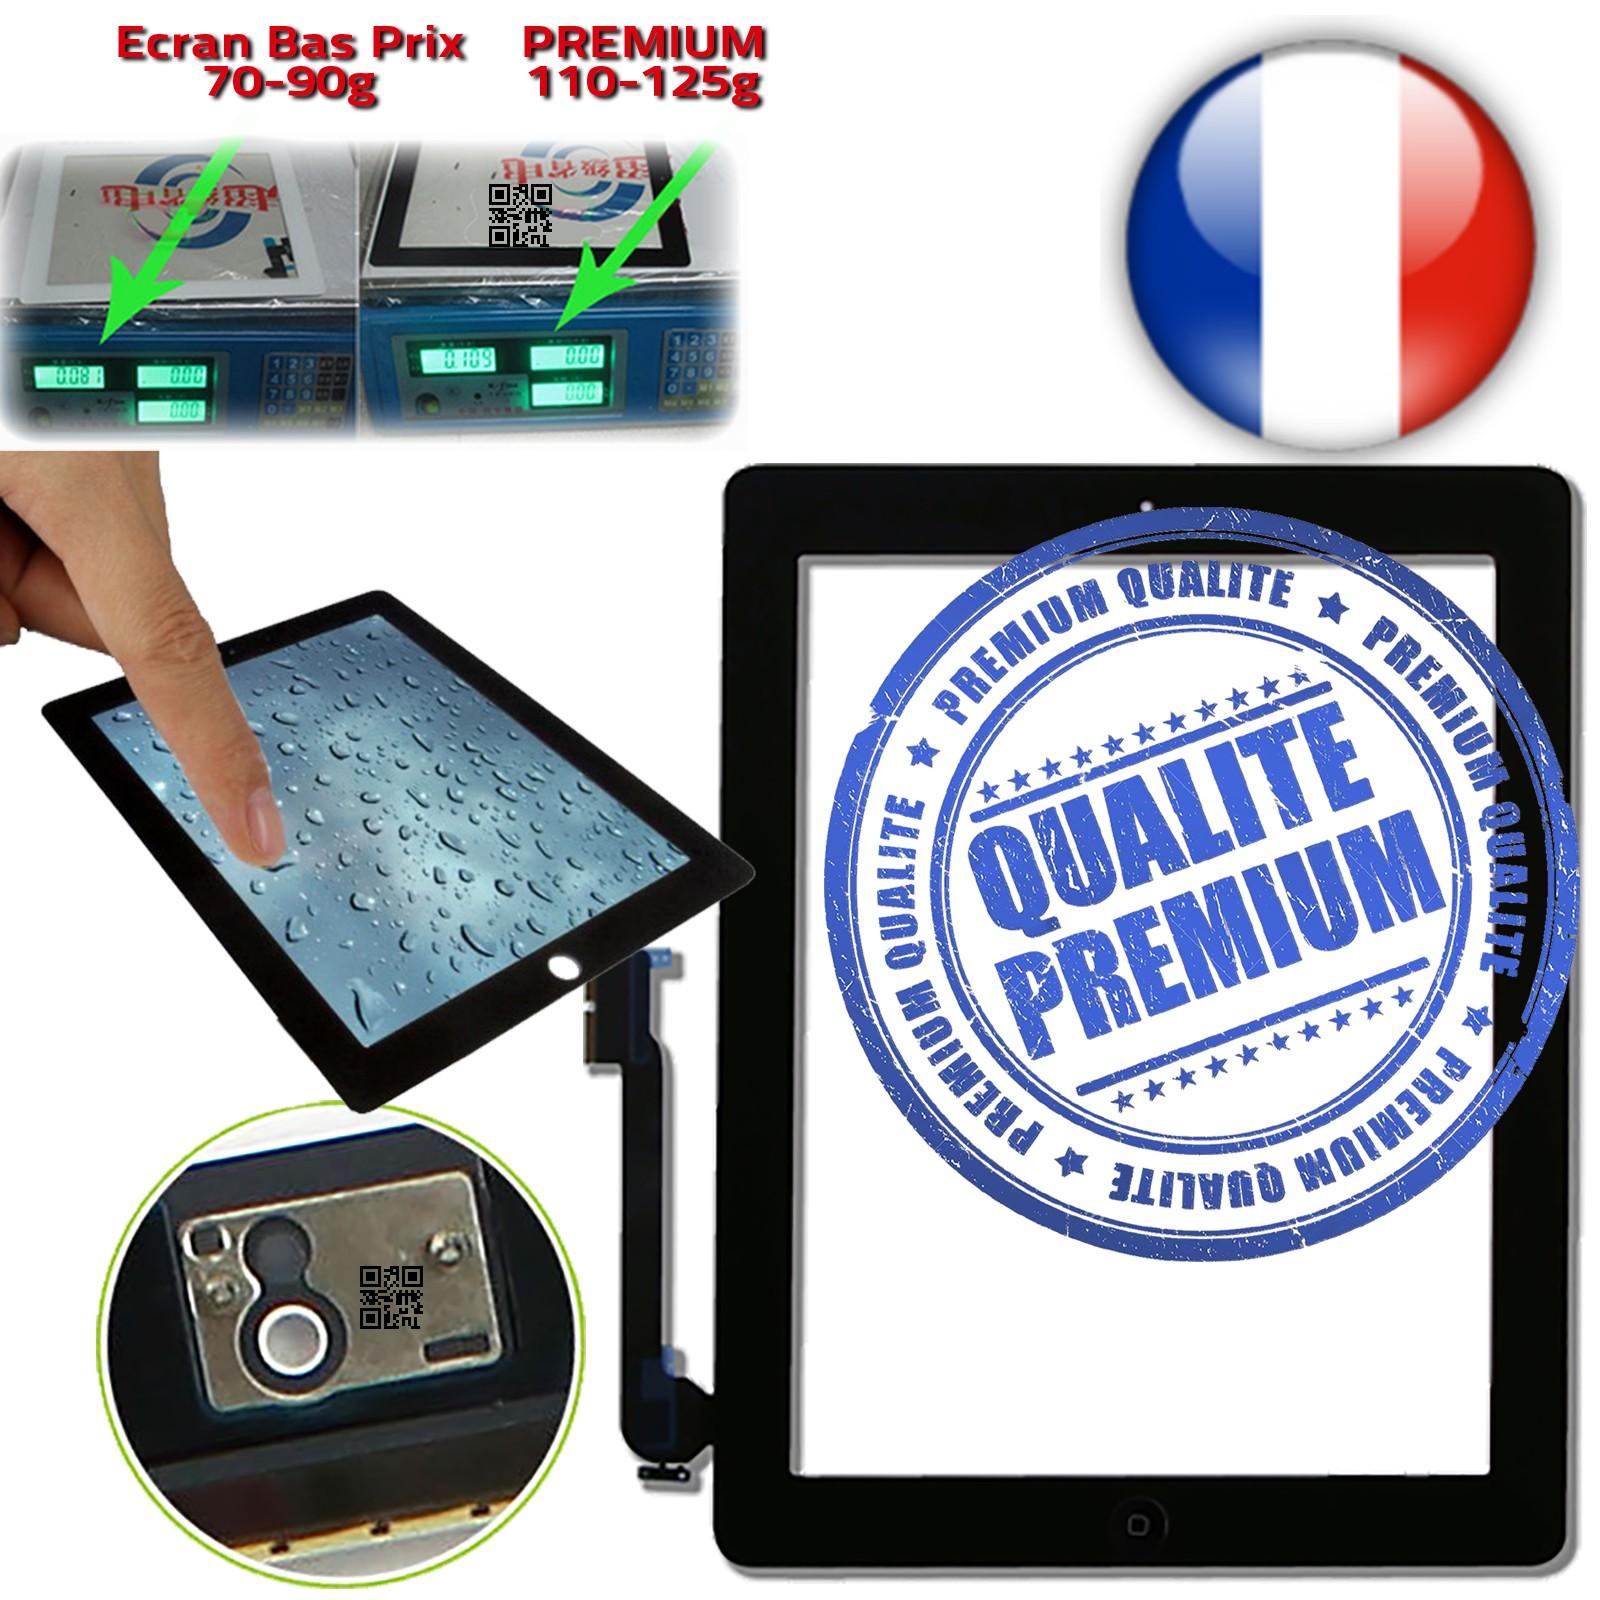 Vitres en Verre PREMIUM Apple iPad 4 Retina Quatrième Génération